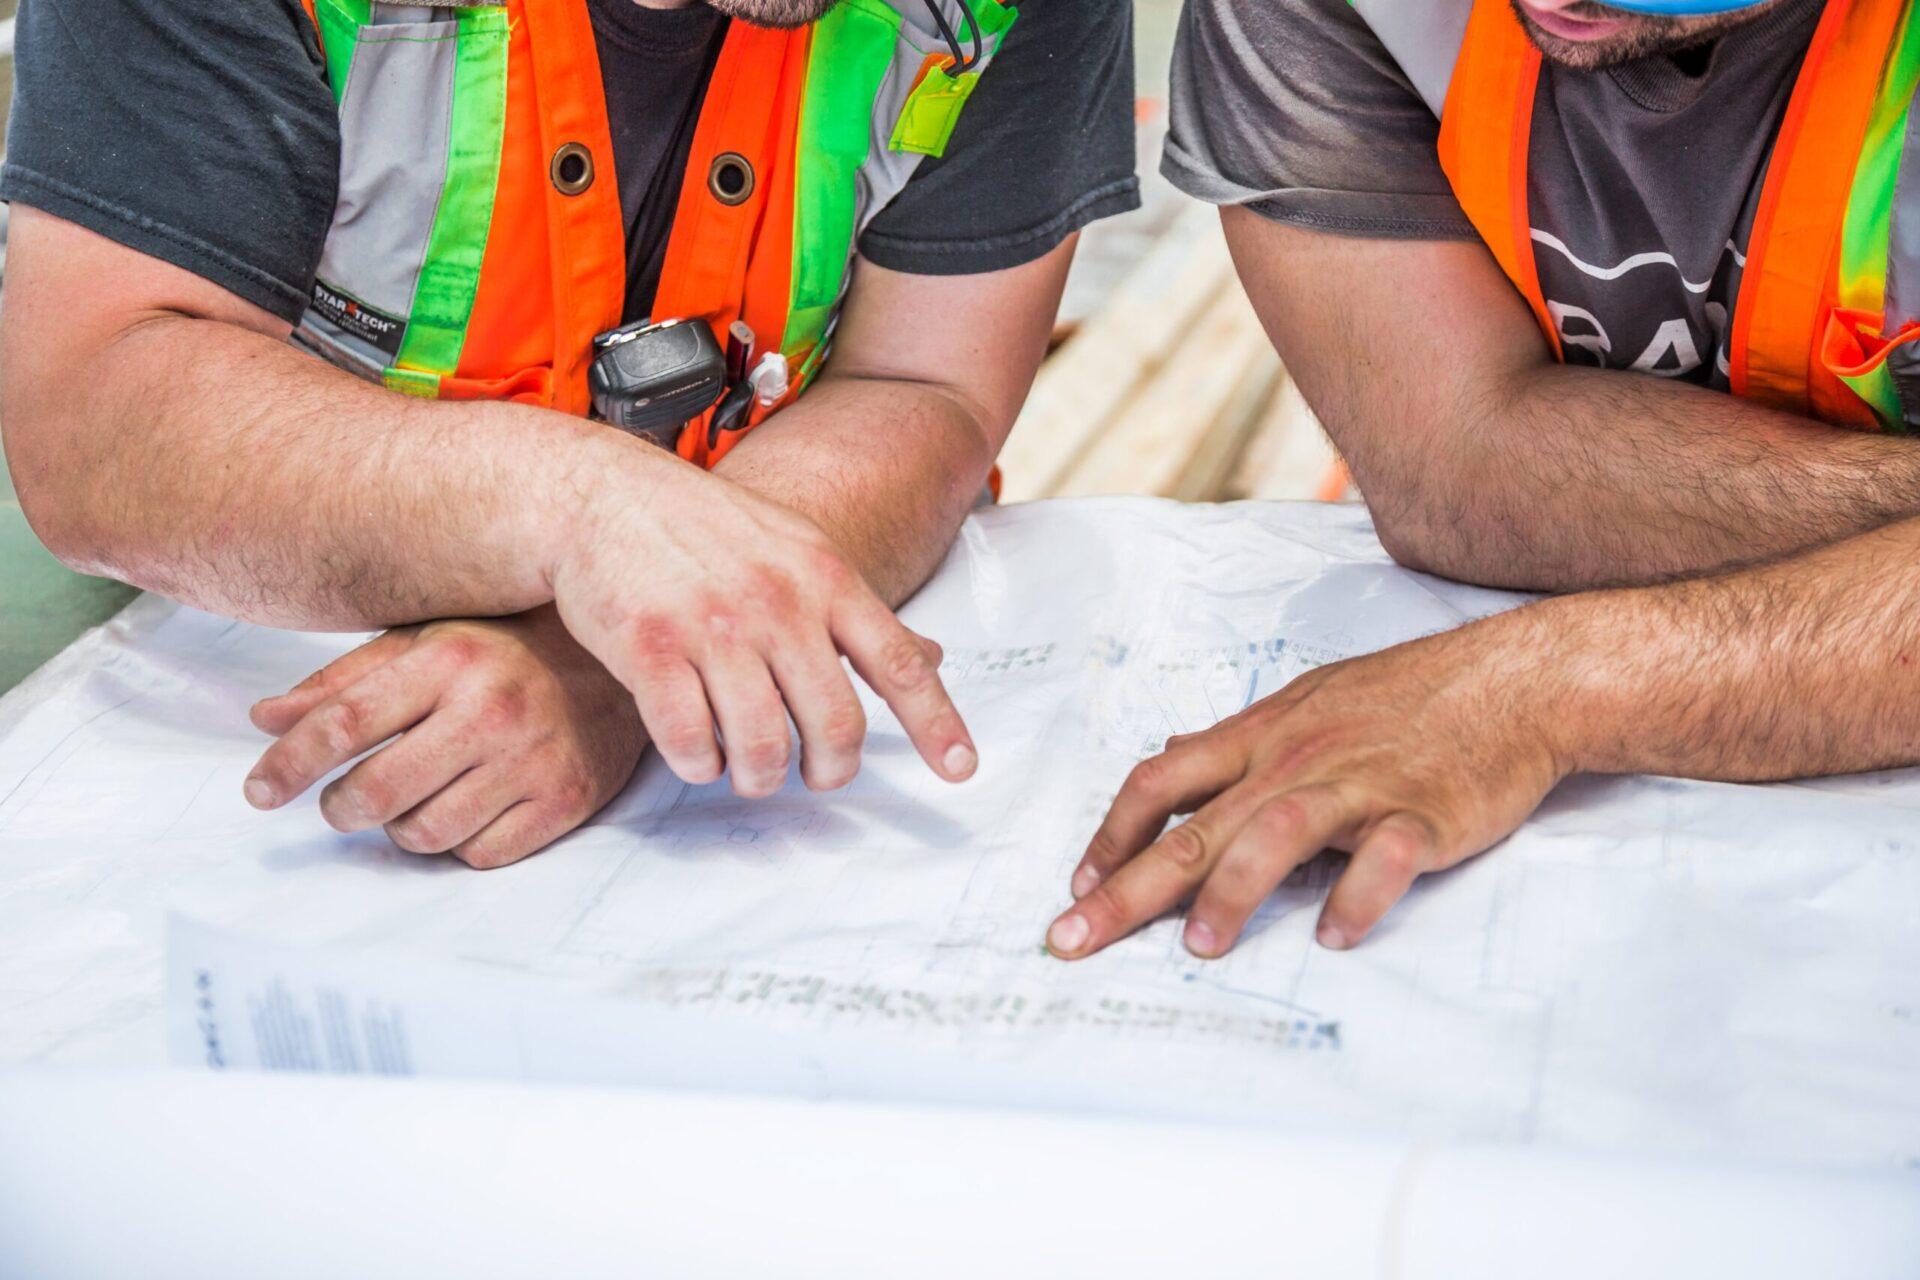 施工管理の品質管理とは【未経験者さん目線でわかりやすく解説】